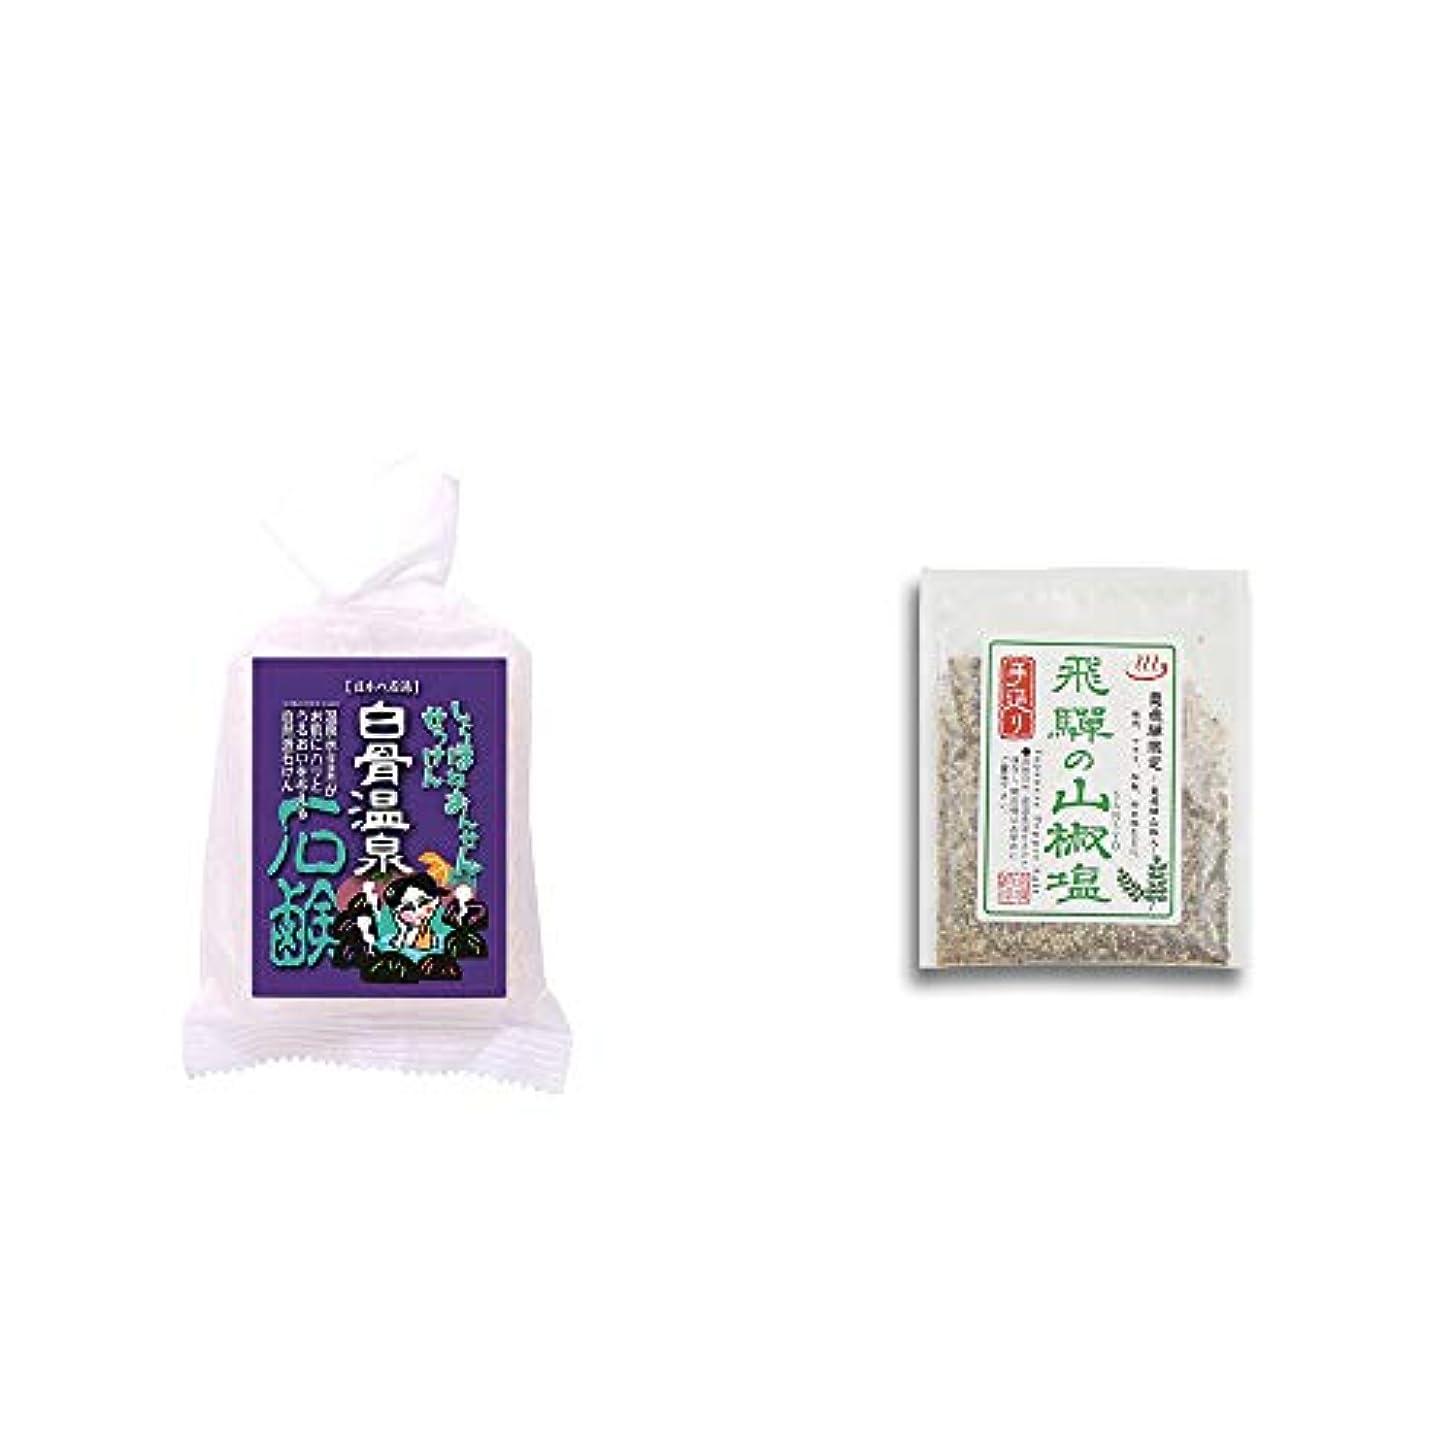 ミスペンドグラフィックデザート[2点セット] 信州 白骨温泉石鹸(80g)?手造り 飛騨の山椒塩(40g)